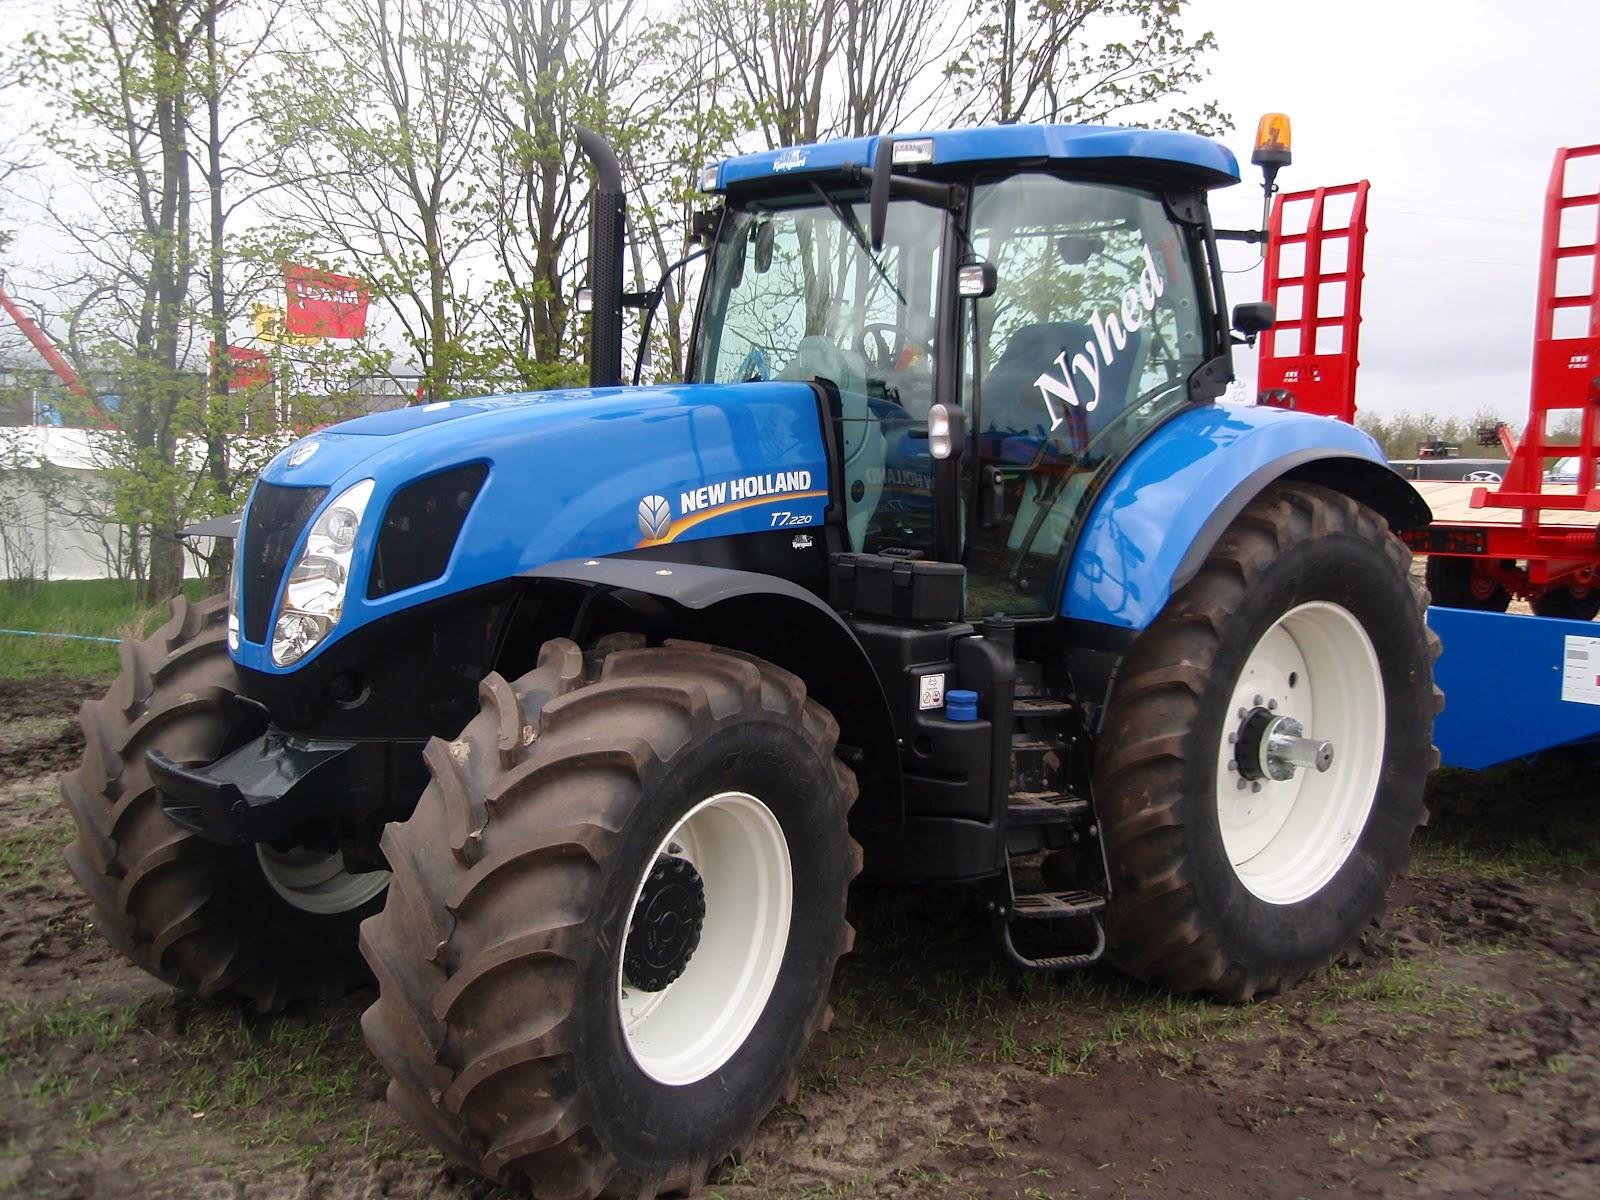 new holland traktor til salg